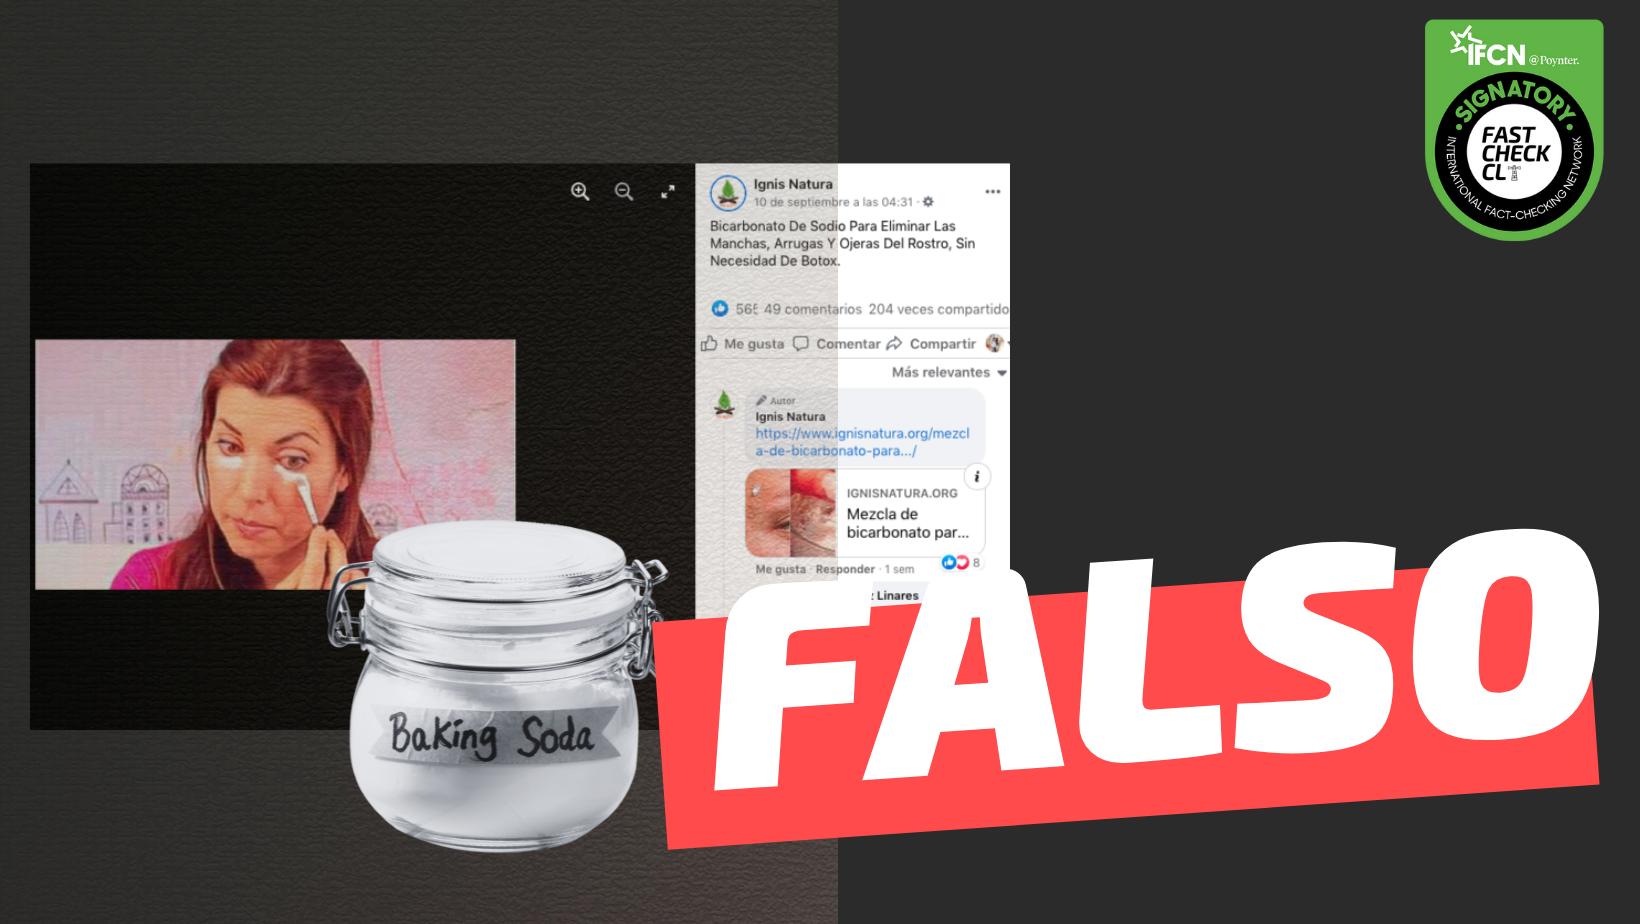 """Read more about the article """"Bicarbonato de sodio sirve para eliminar las manchas, arrugas y ojeras del rostro"""": #Falso"""